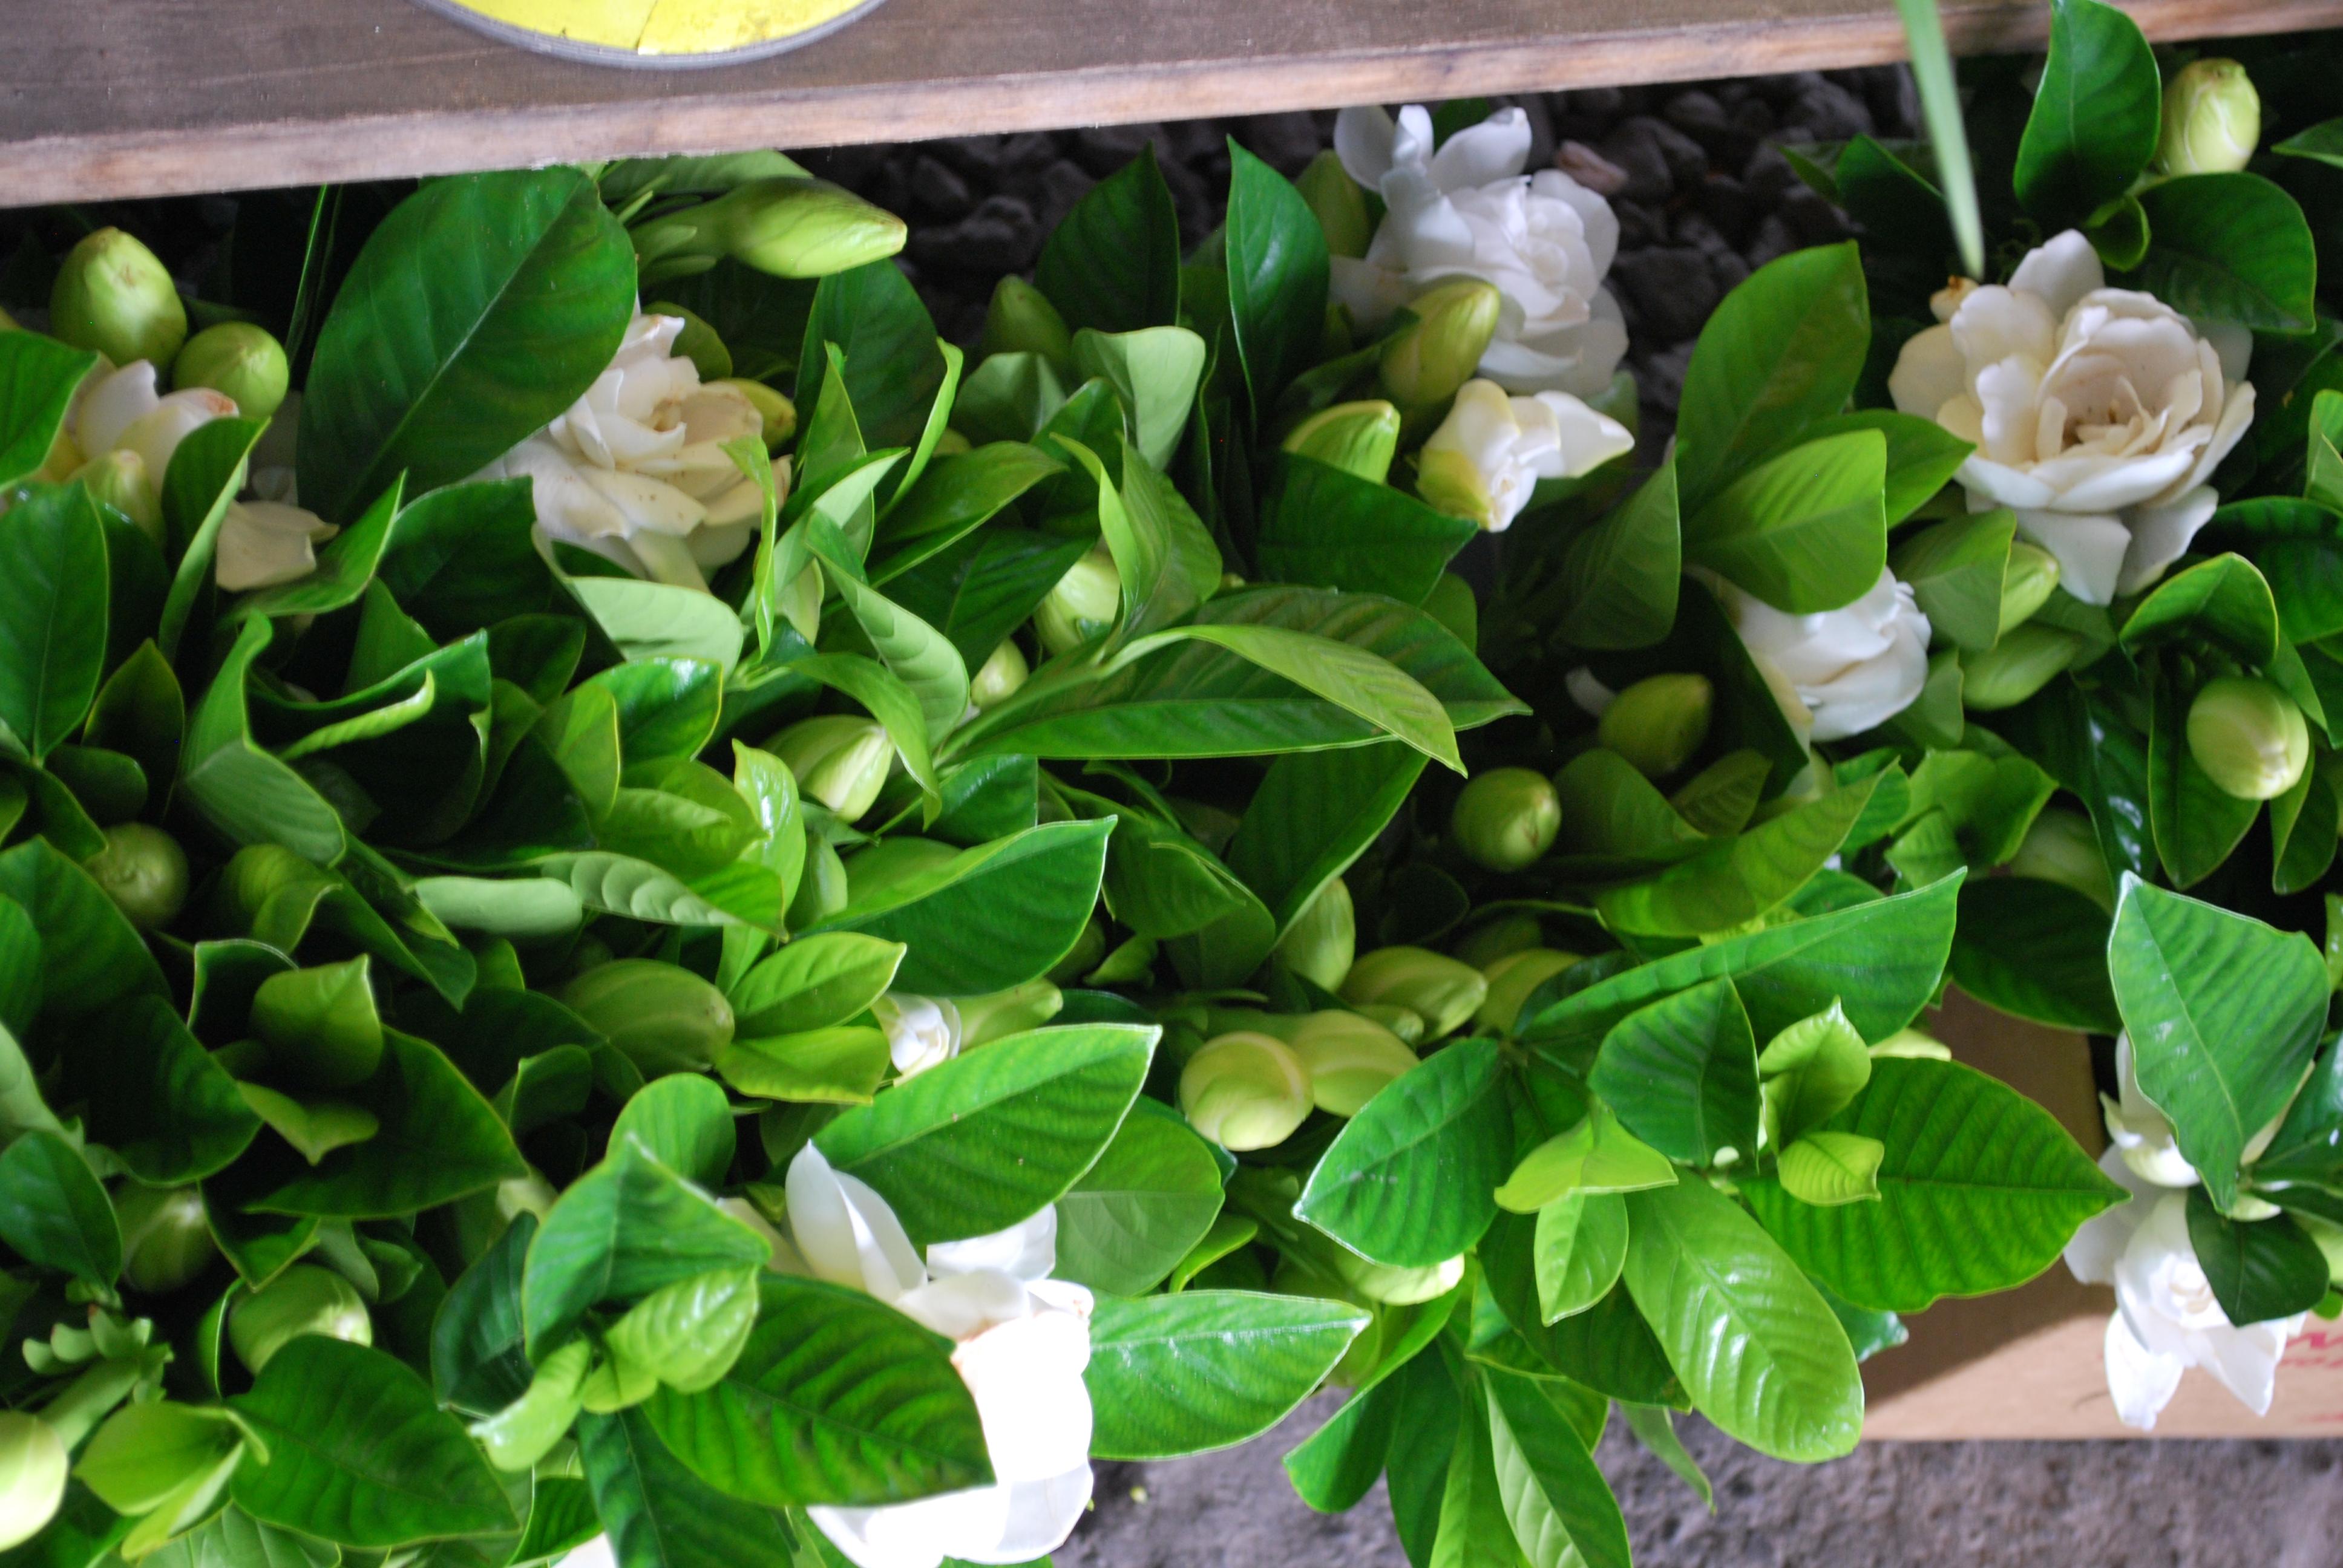 Gardenia marketing